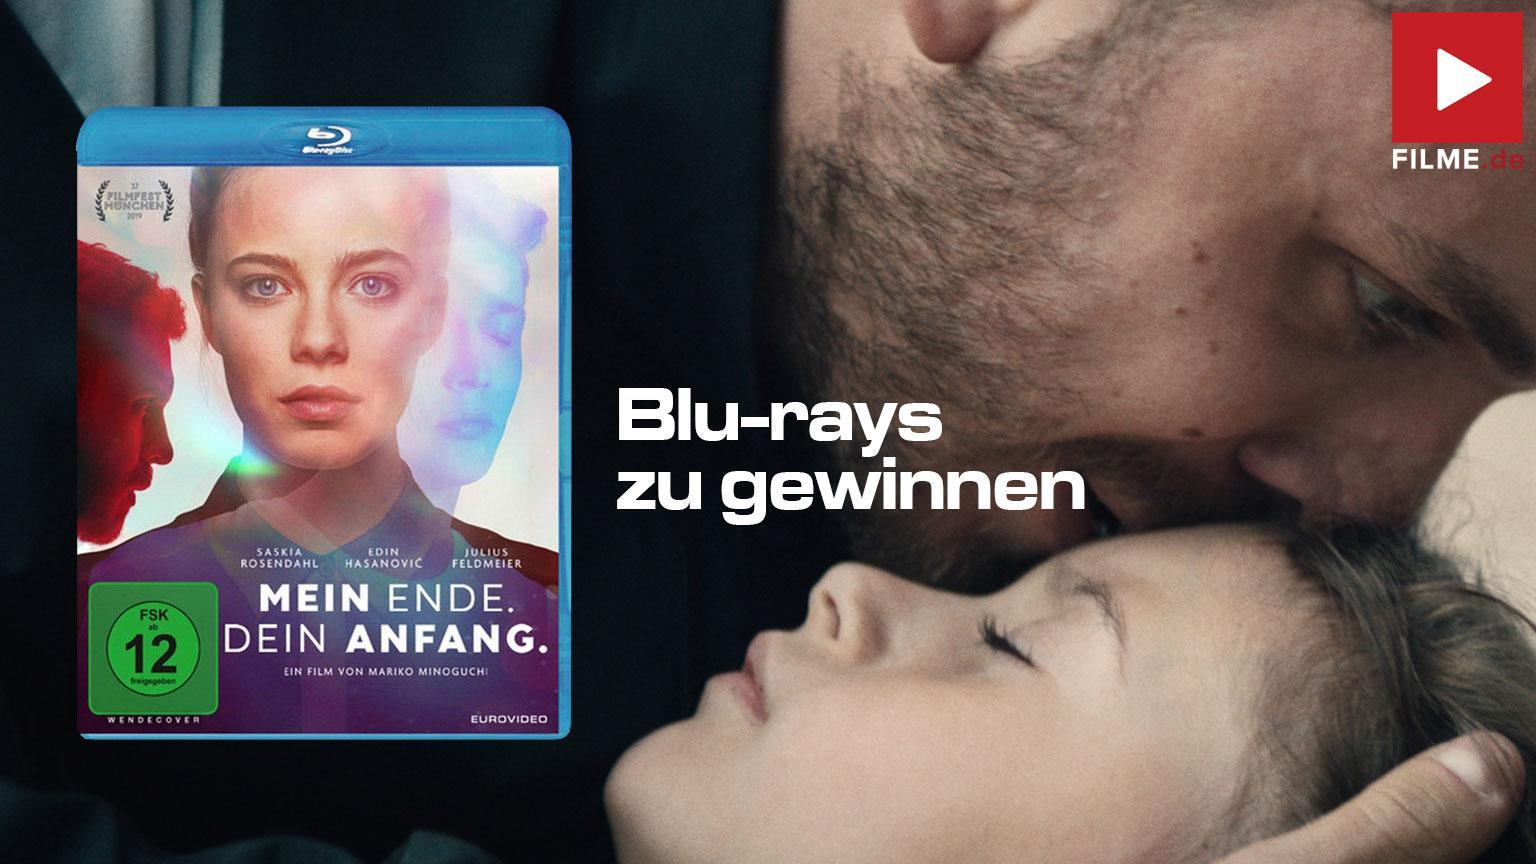 Mein Ende. Dein Anfang. Film 2020 Gewinnspiel Kritik gewinnen shop kaufen